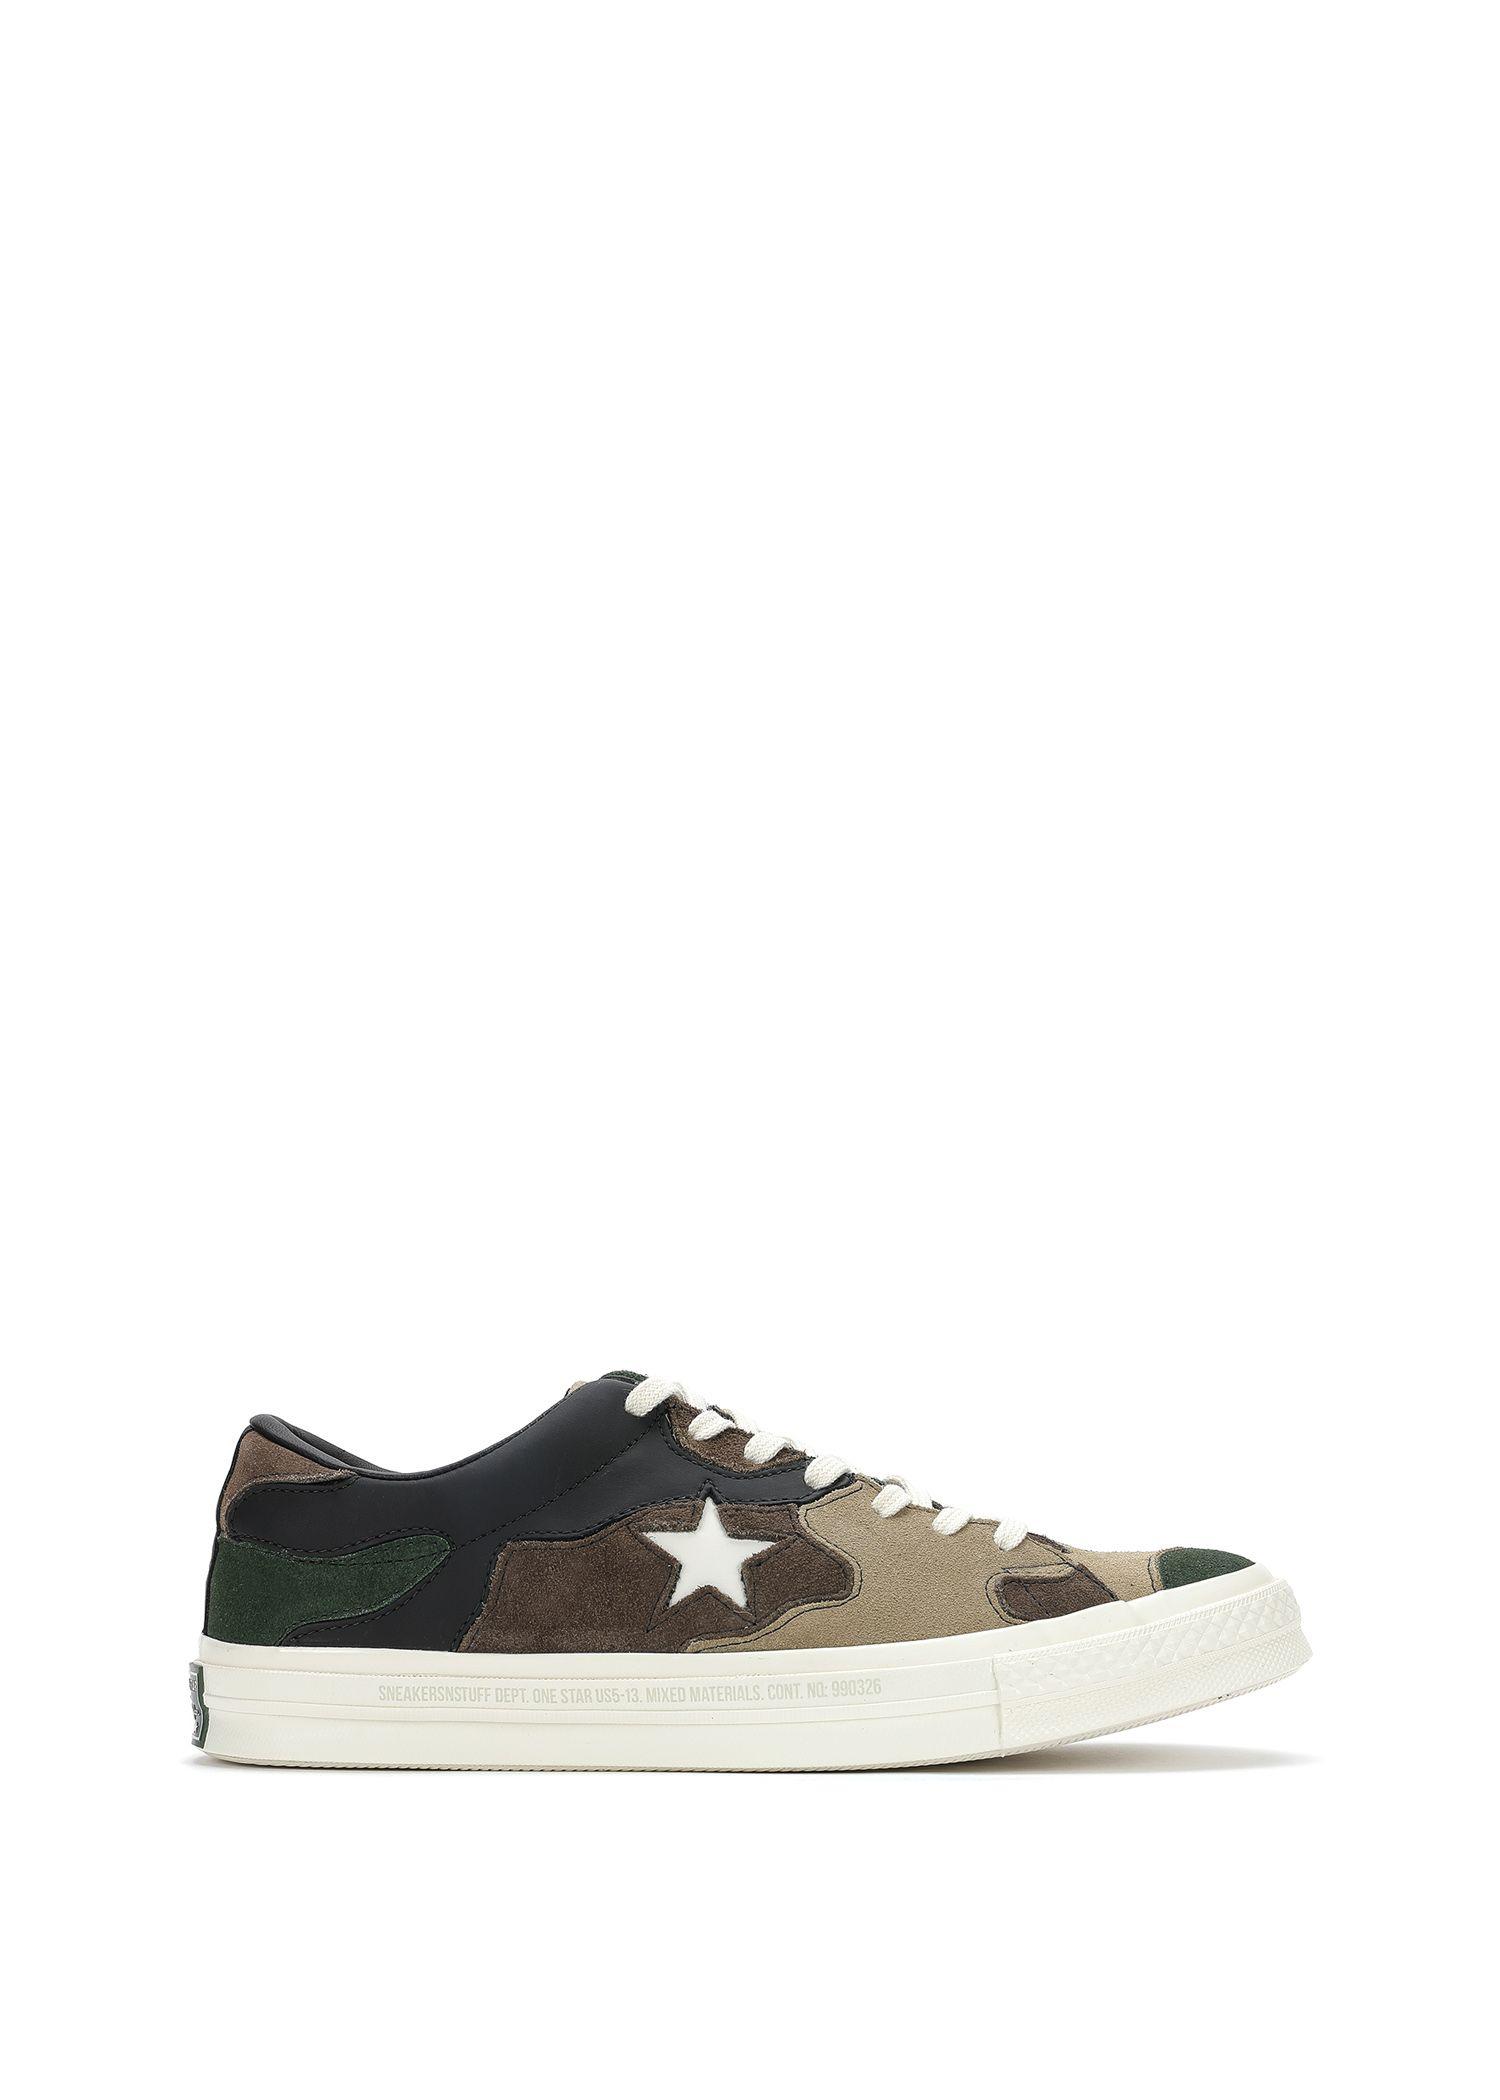 97fe664b037b CONVERSE CONVERSE X SNS ONE STAR OX.  converse  shoes